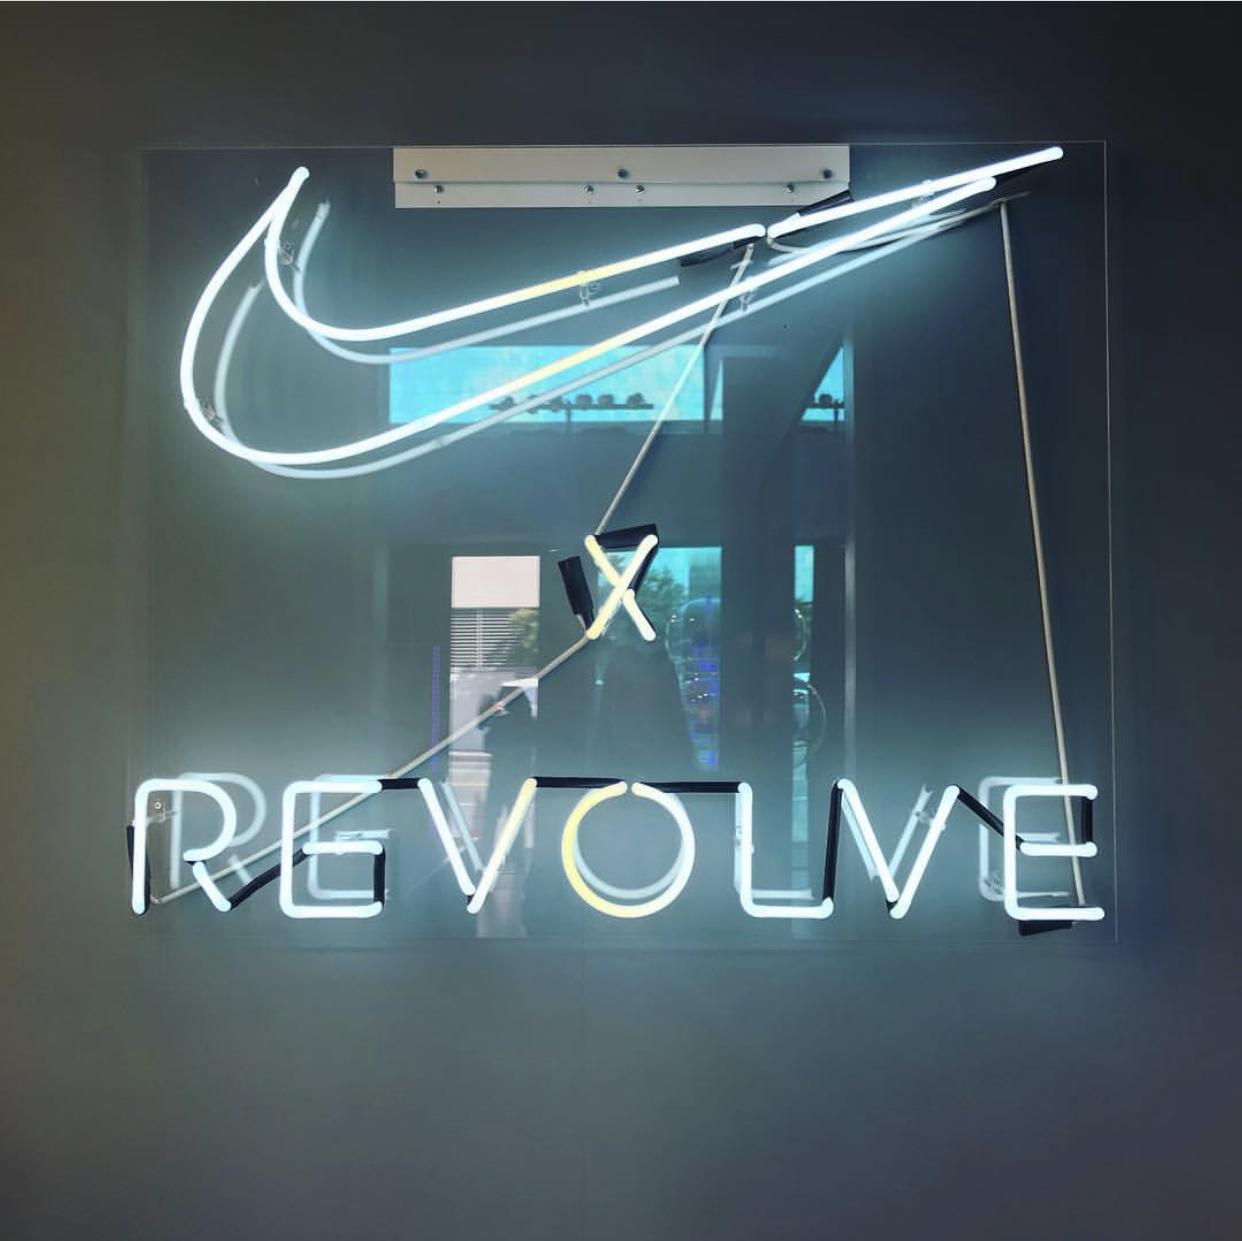 DJ Sophenom Prism DJs Nike x Revolve 3.jpg